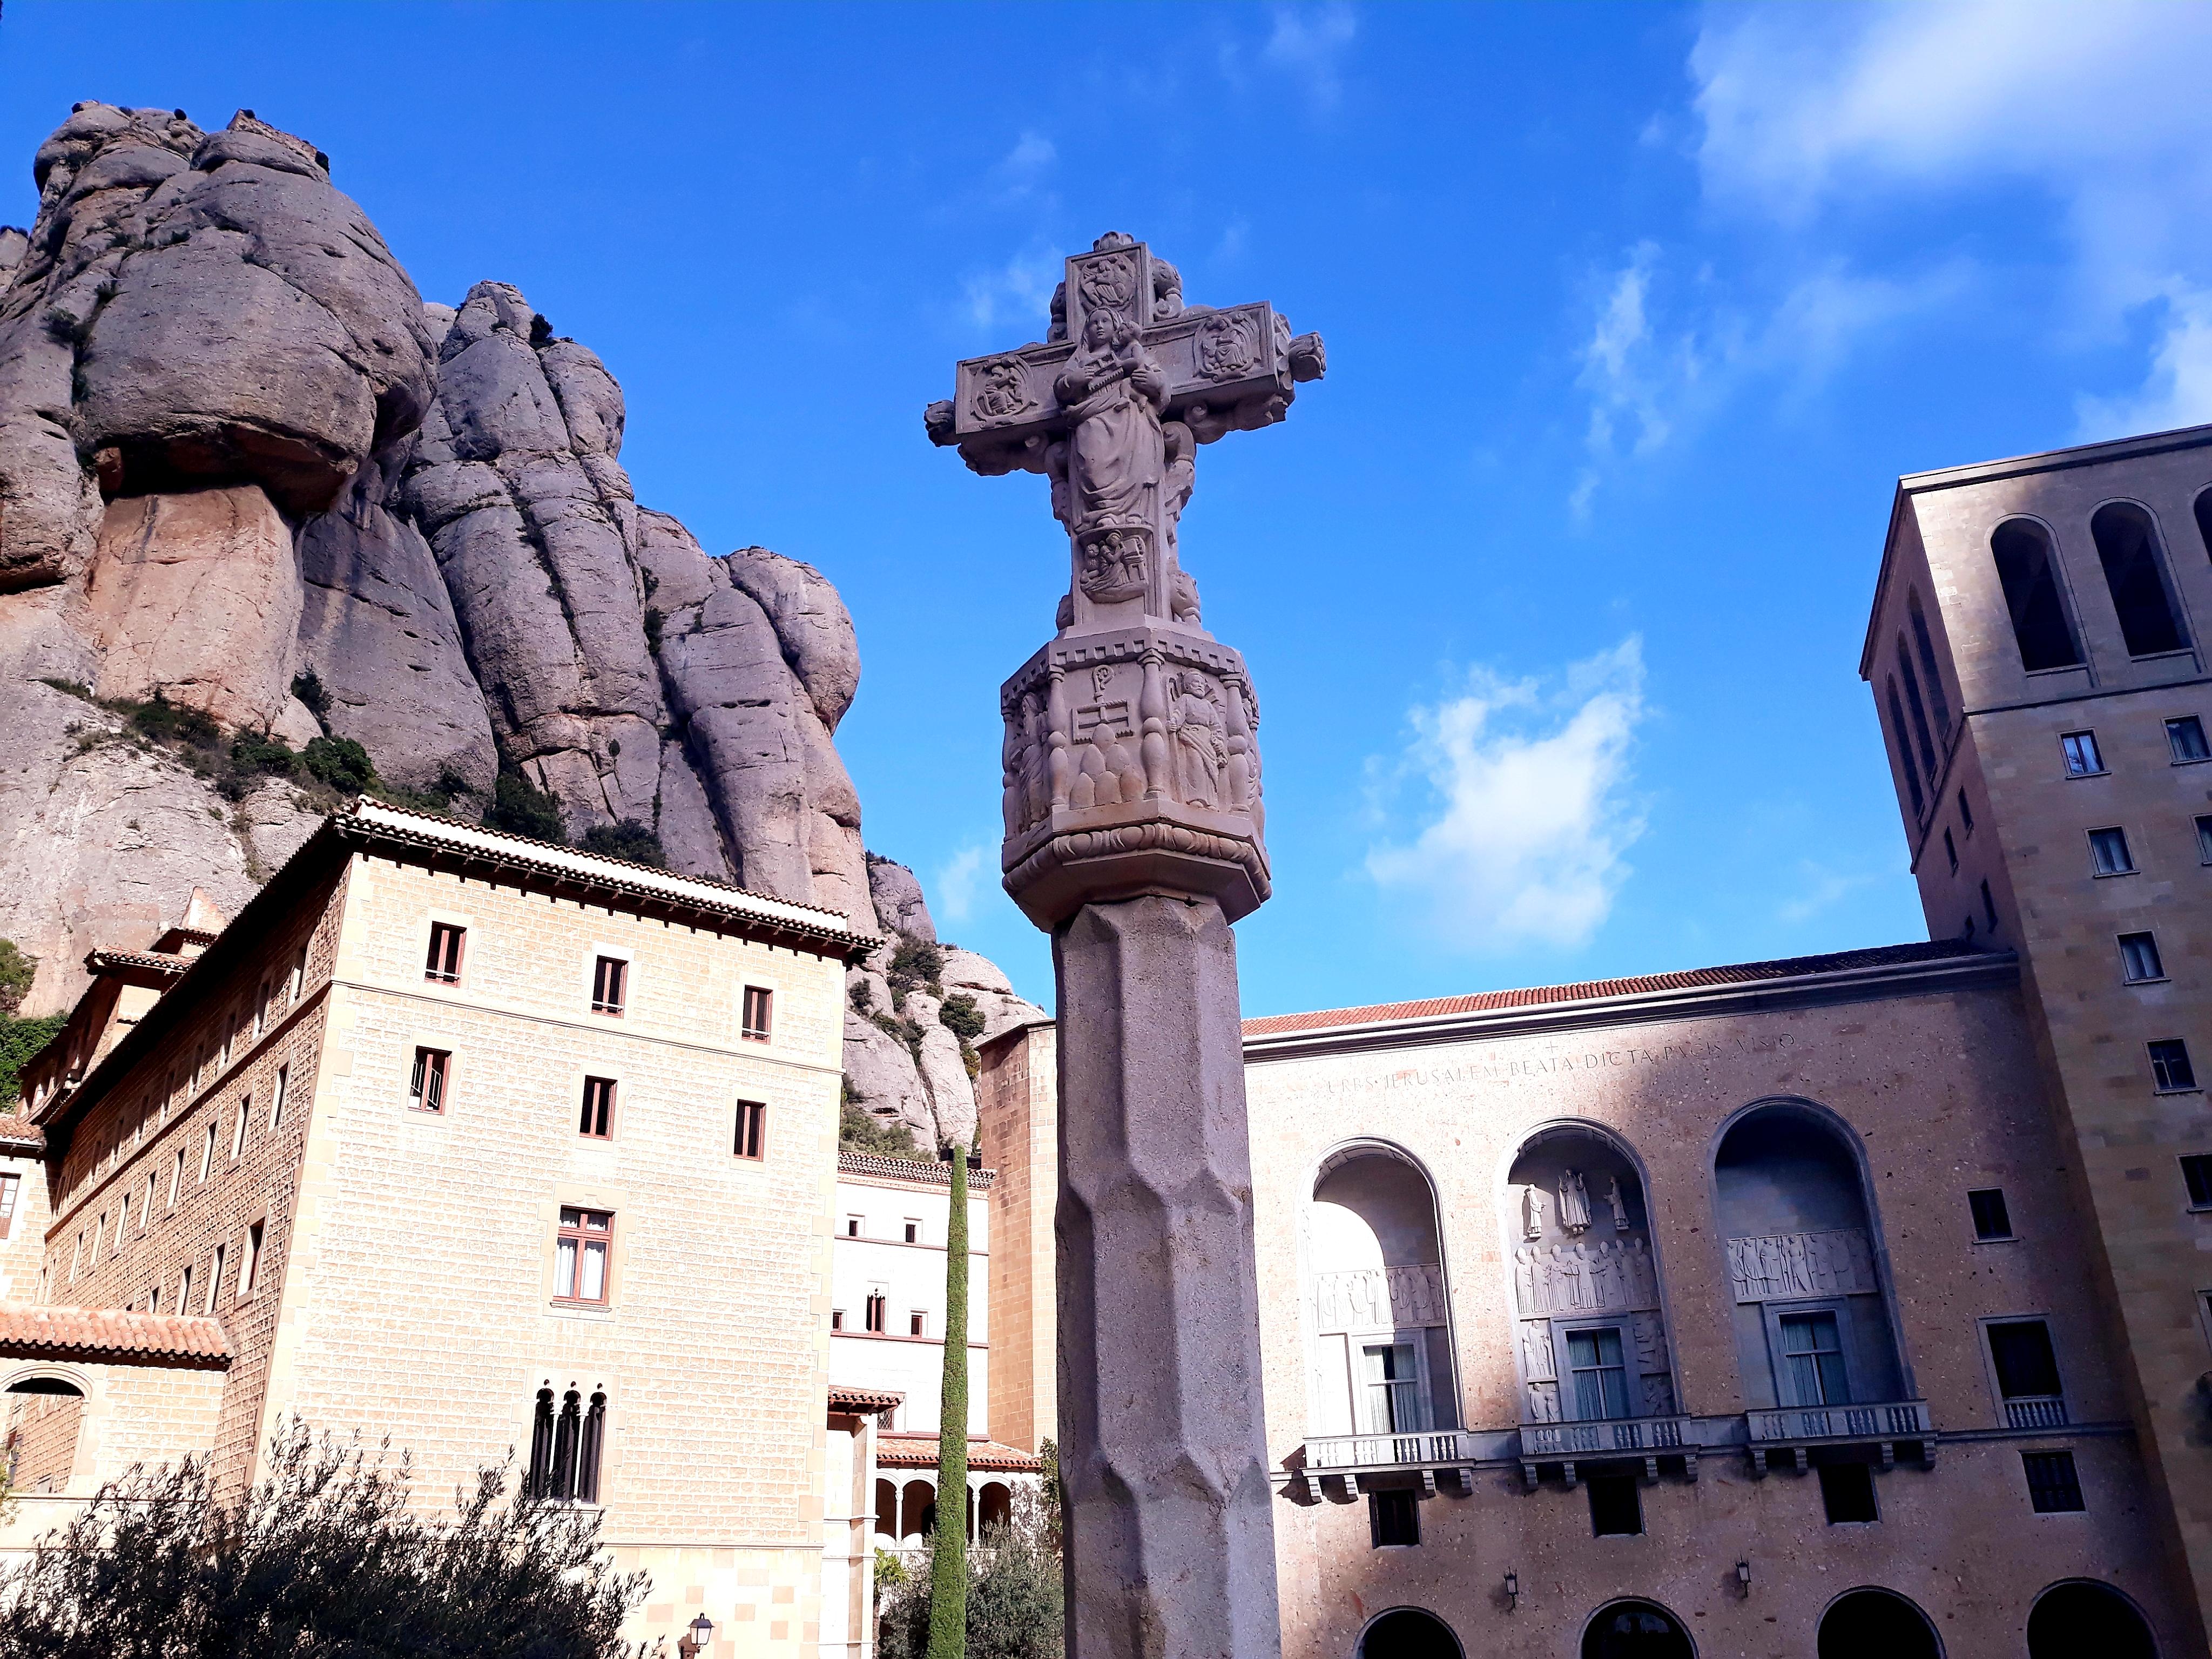 Экскурсии в Монсеррат из Барселоны